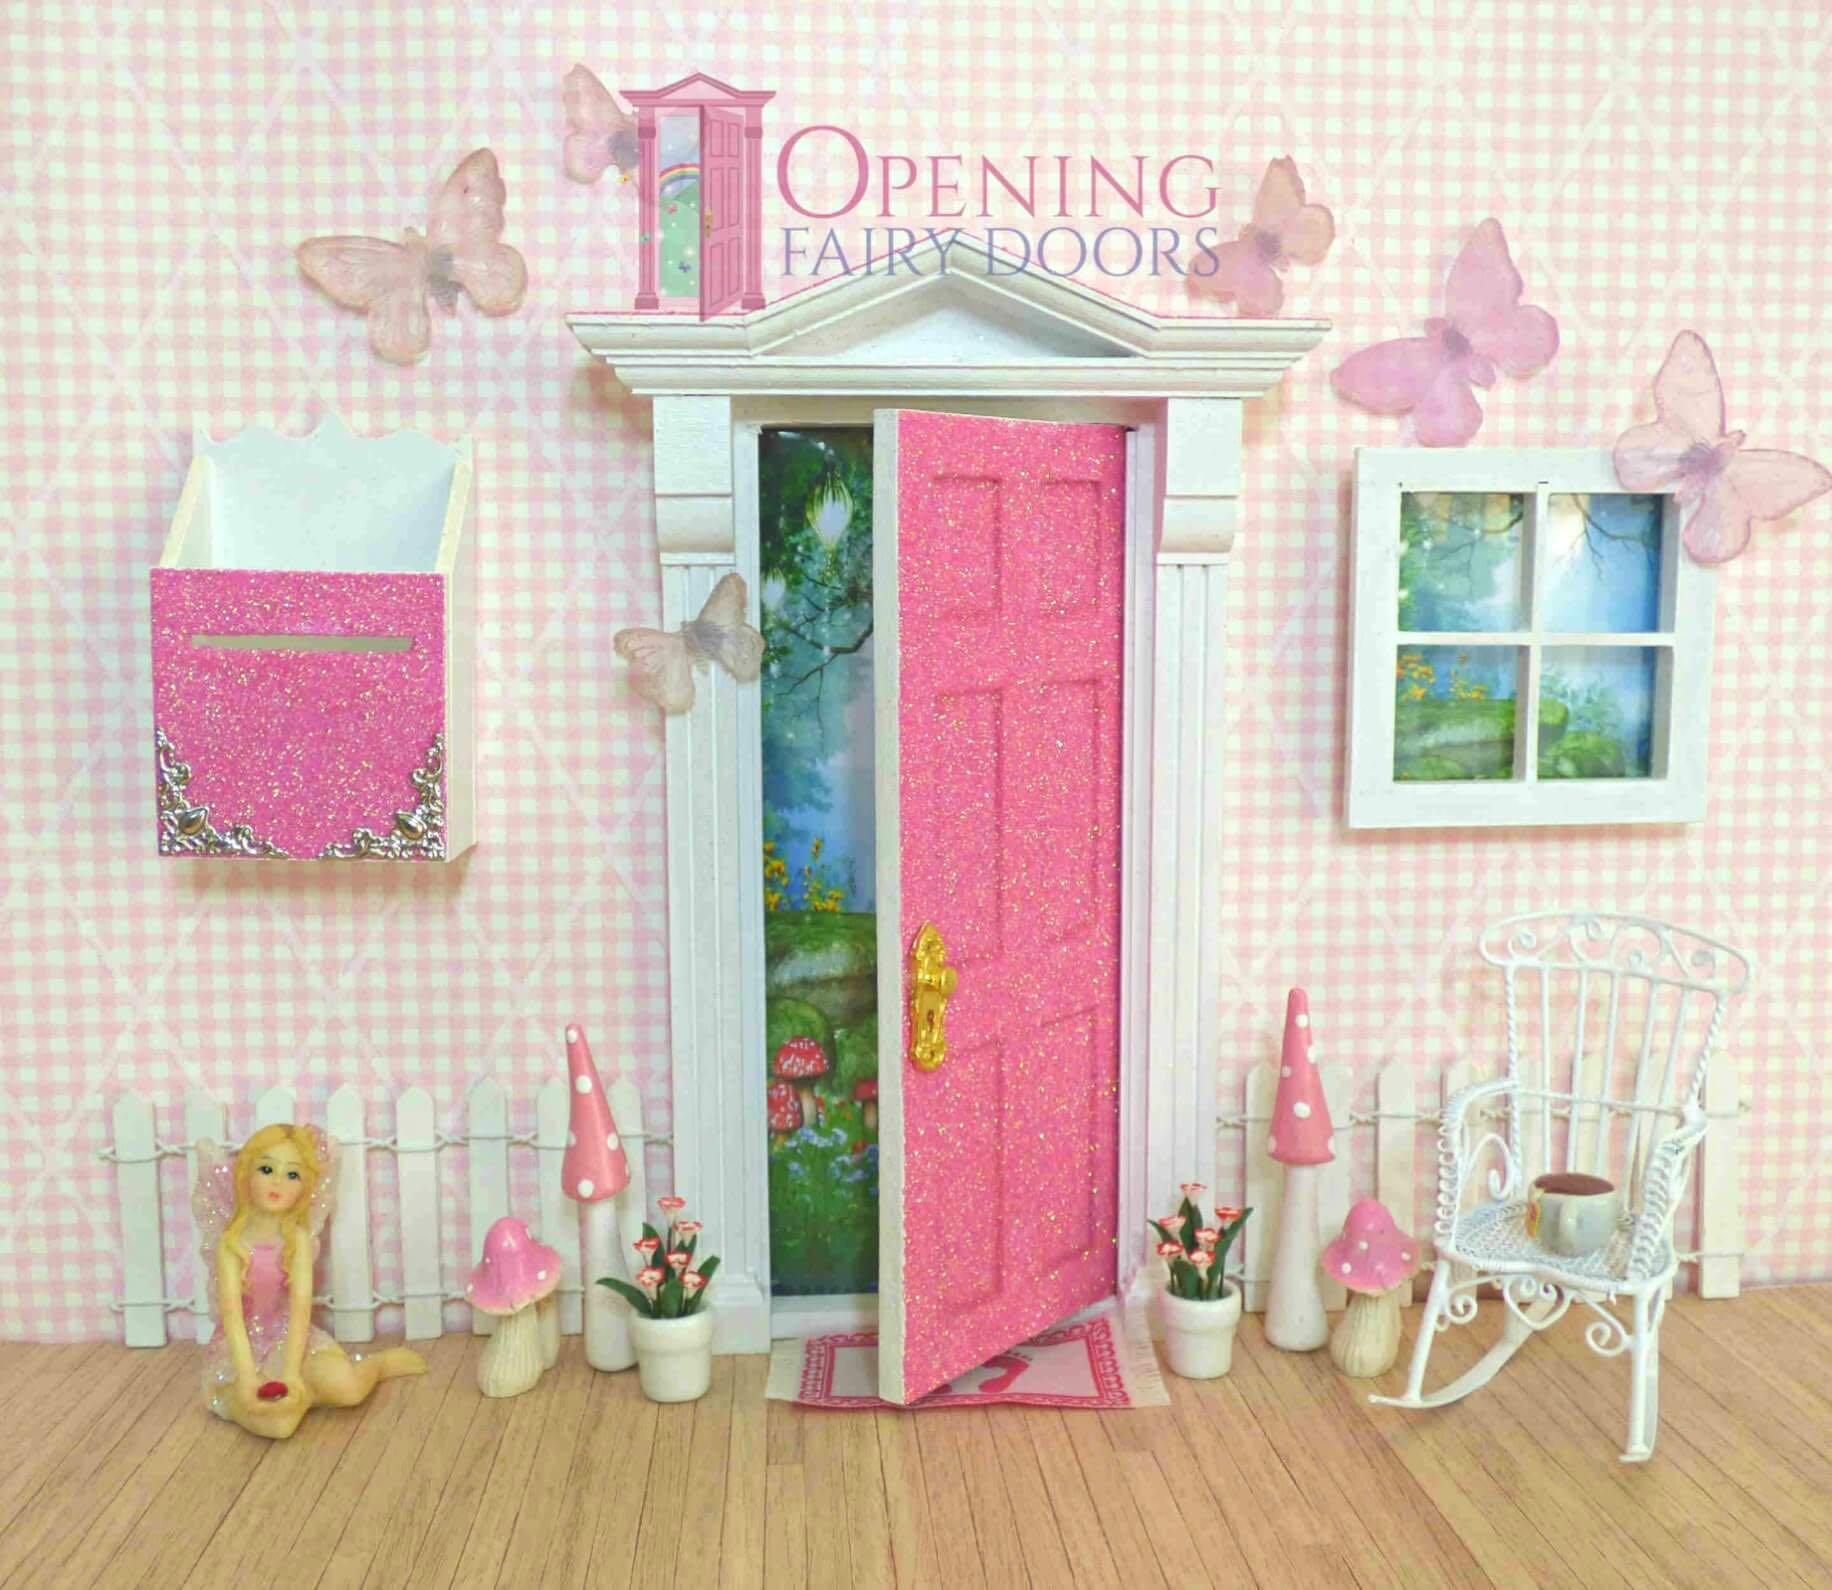 Opening Fairy Doors.